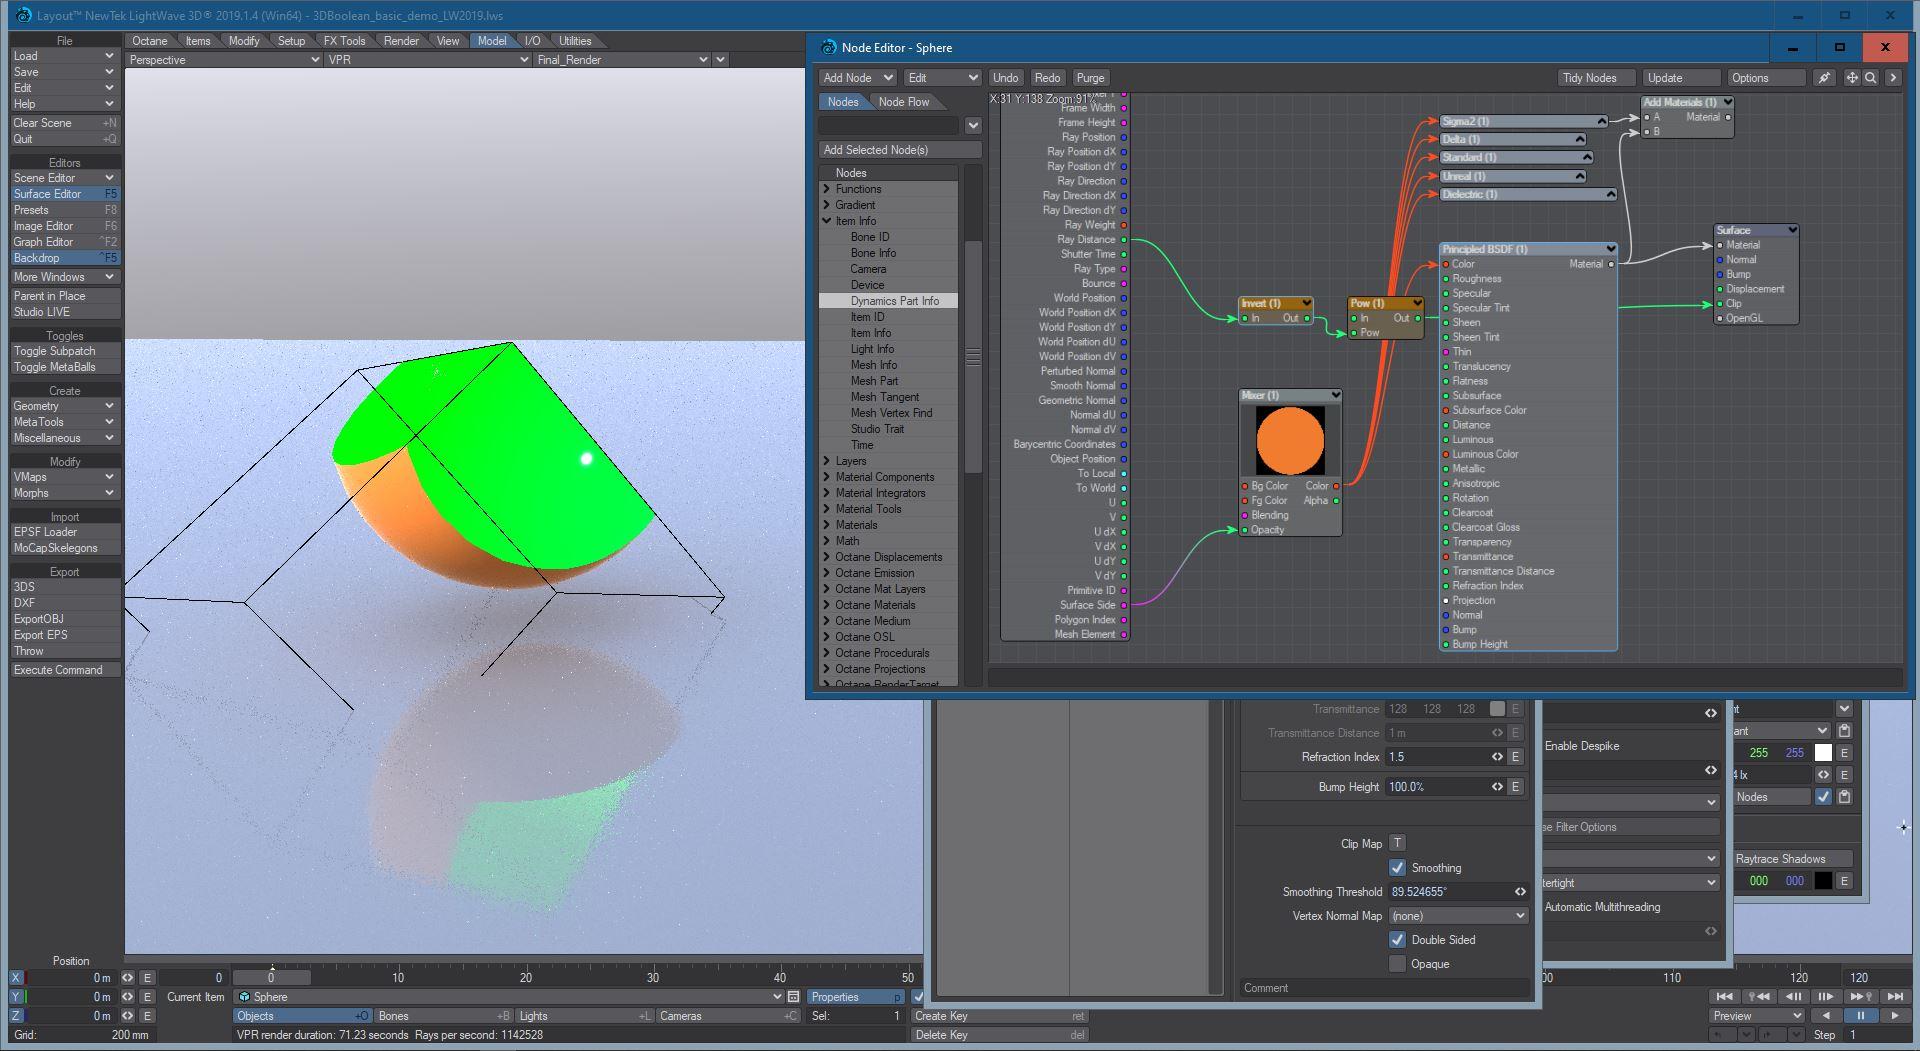 Nome: 2020-02-14 14_24_37-Layout™ NewTek LightWave 3D® 2019.1.4 (Win64) - 3DBoolean_basic_demo_LW2019..jpg Visite: 160 Dimensione: 262.1 KB